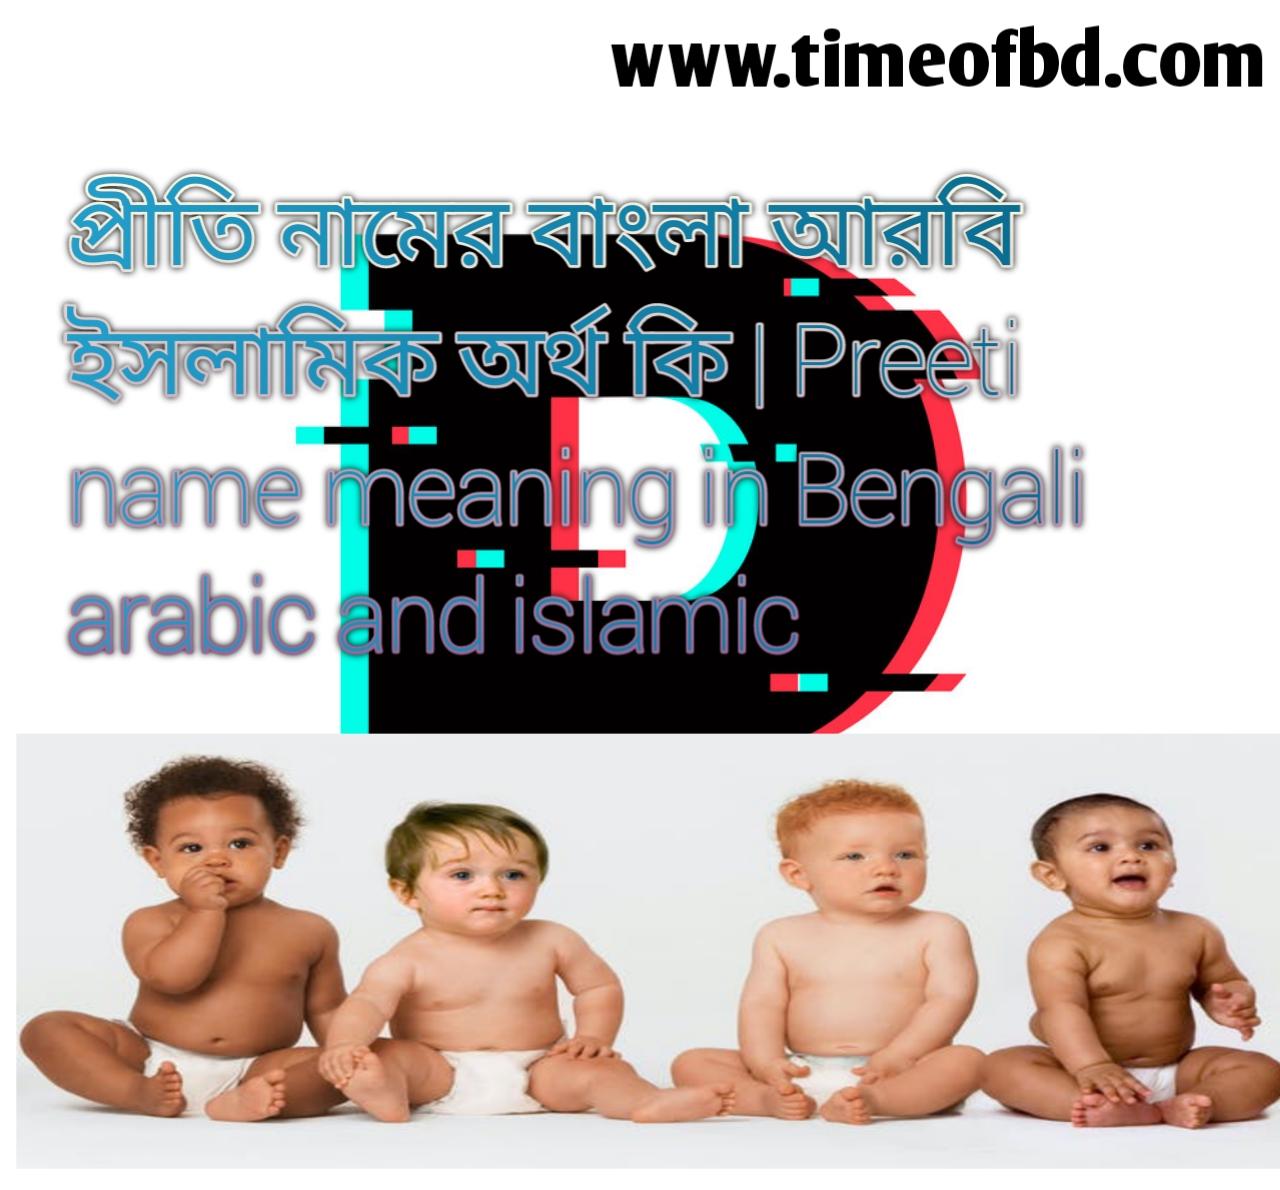 প্রীতি নামের অর্থ কি, প্রীতি নামের বাংলা অর্থ কি, প্রীতি নামের ইসলামিক অর্থ কি, Preeti name meaning in Bengali, প্রীতি কি ইসলামিক নাম,